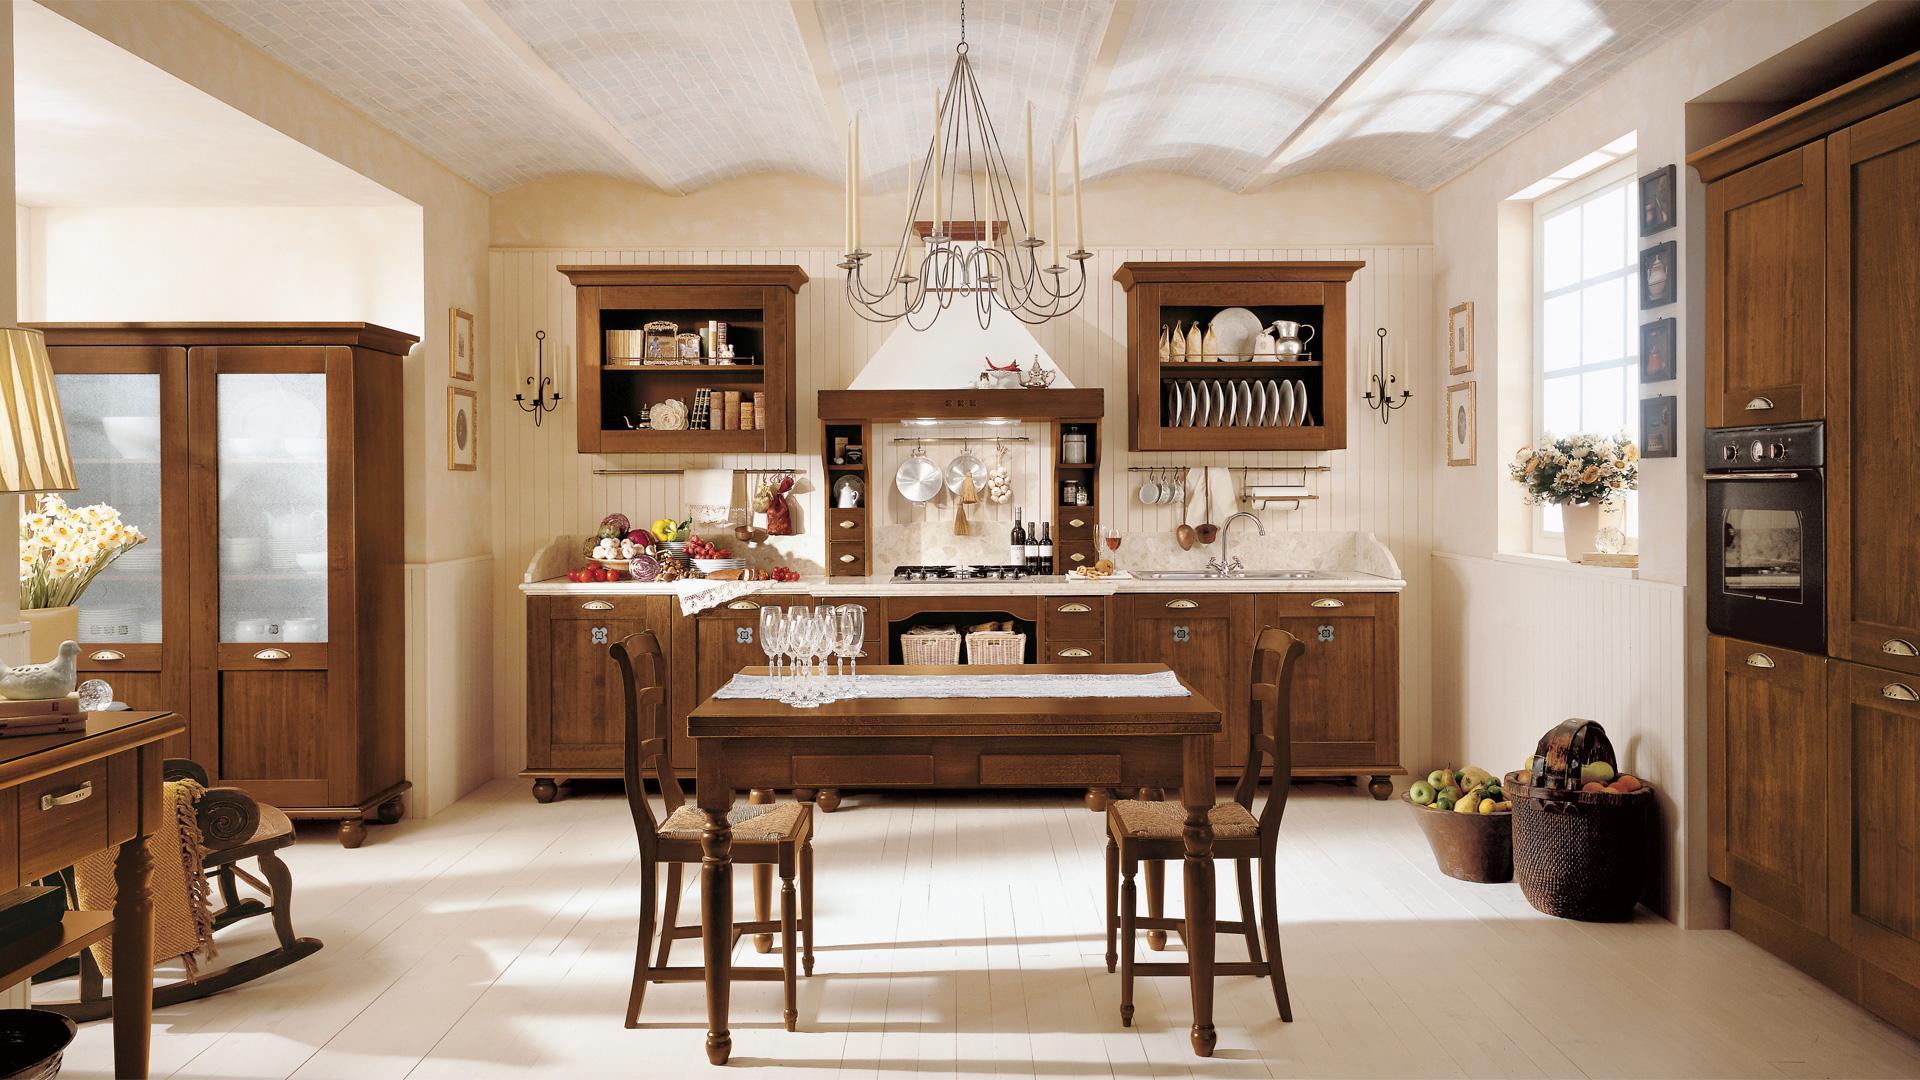 Le cucine rustiche di Mondo Convenienza e Lube